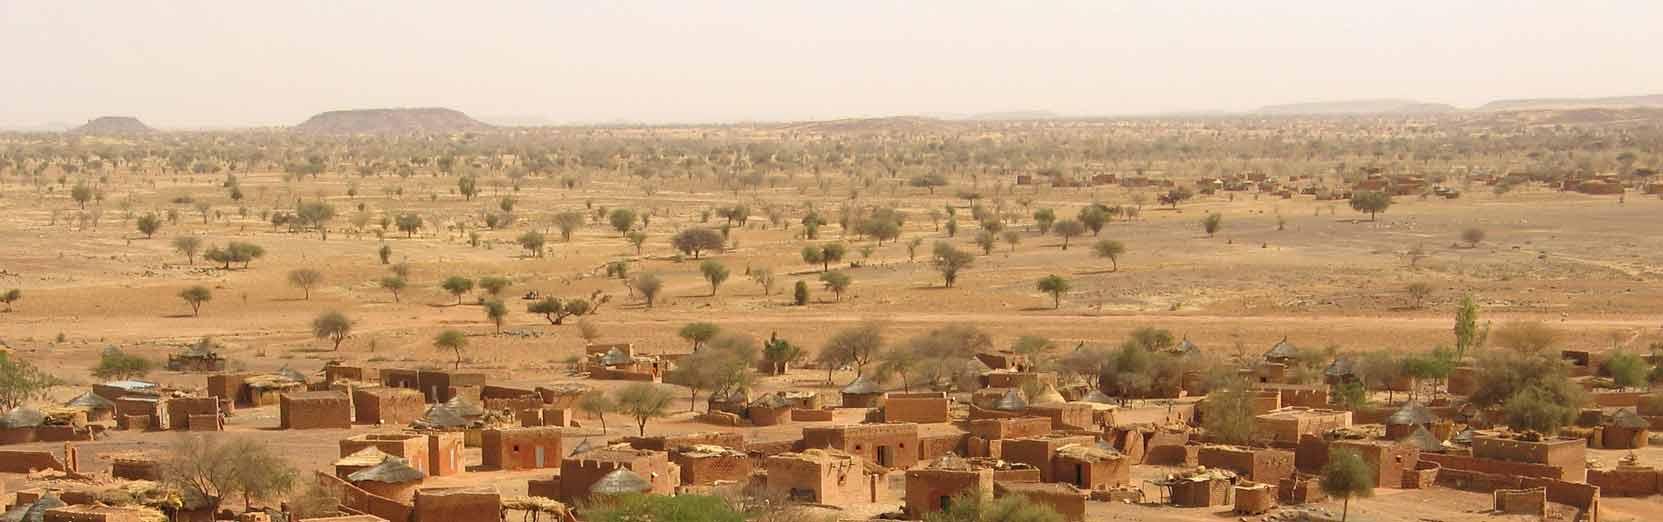 Auto mieten in Burkina Faso